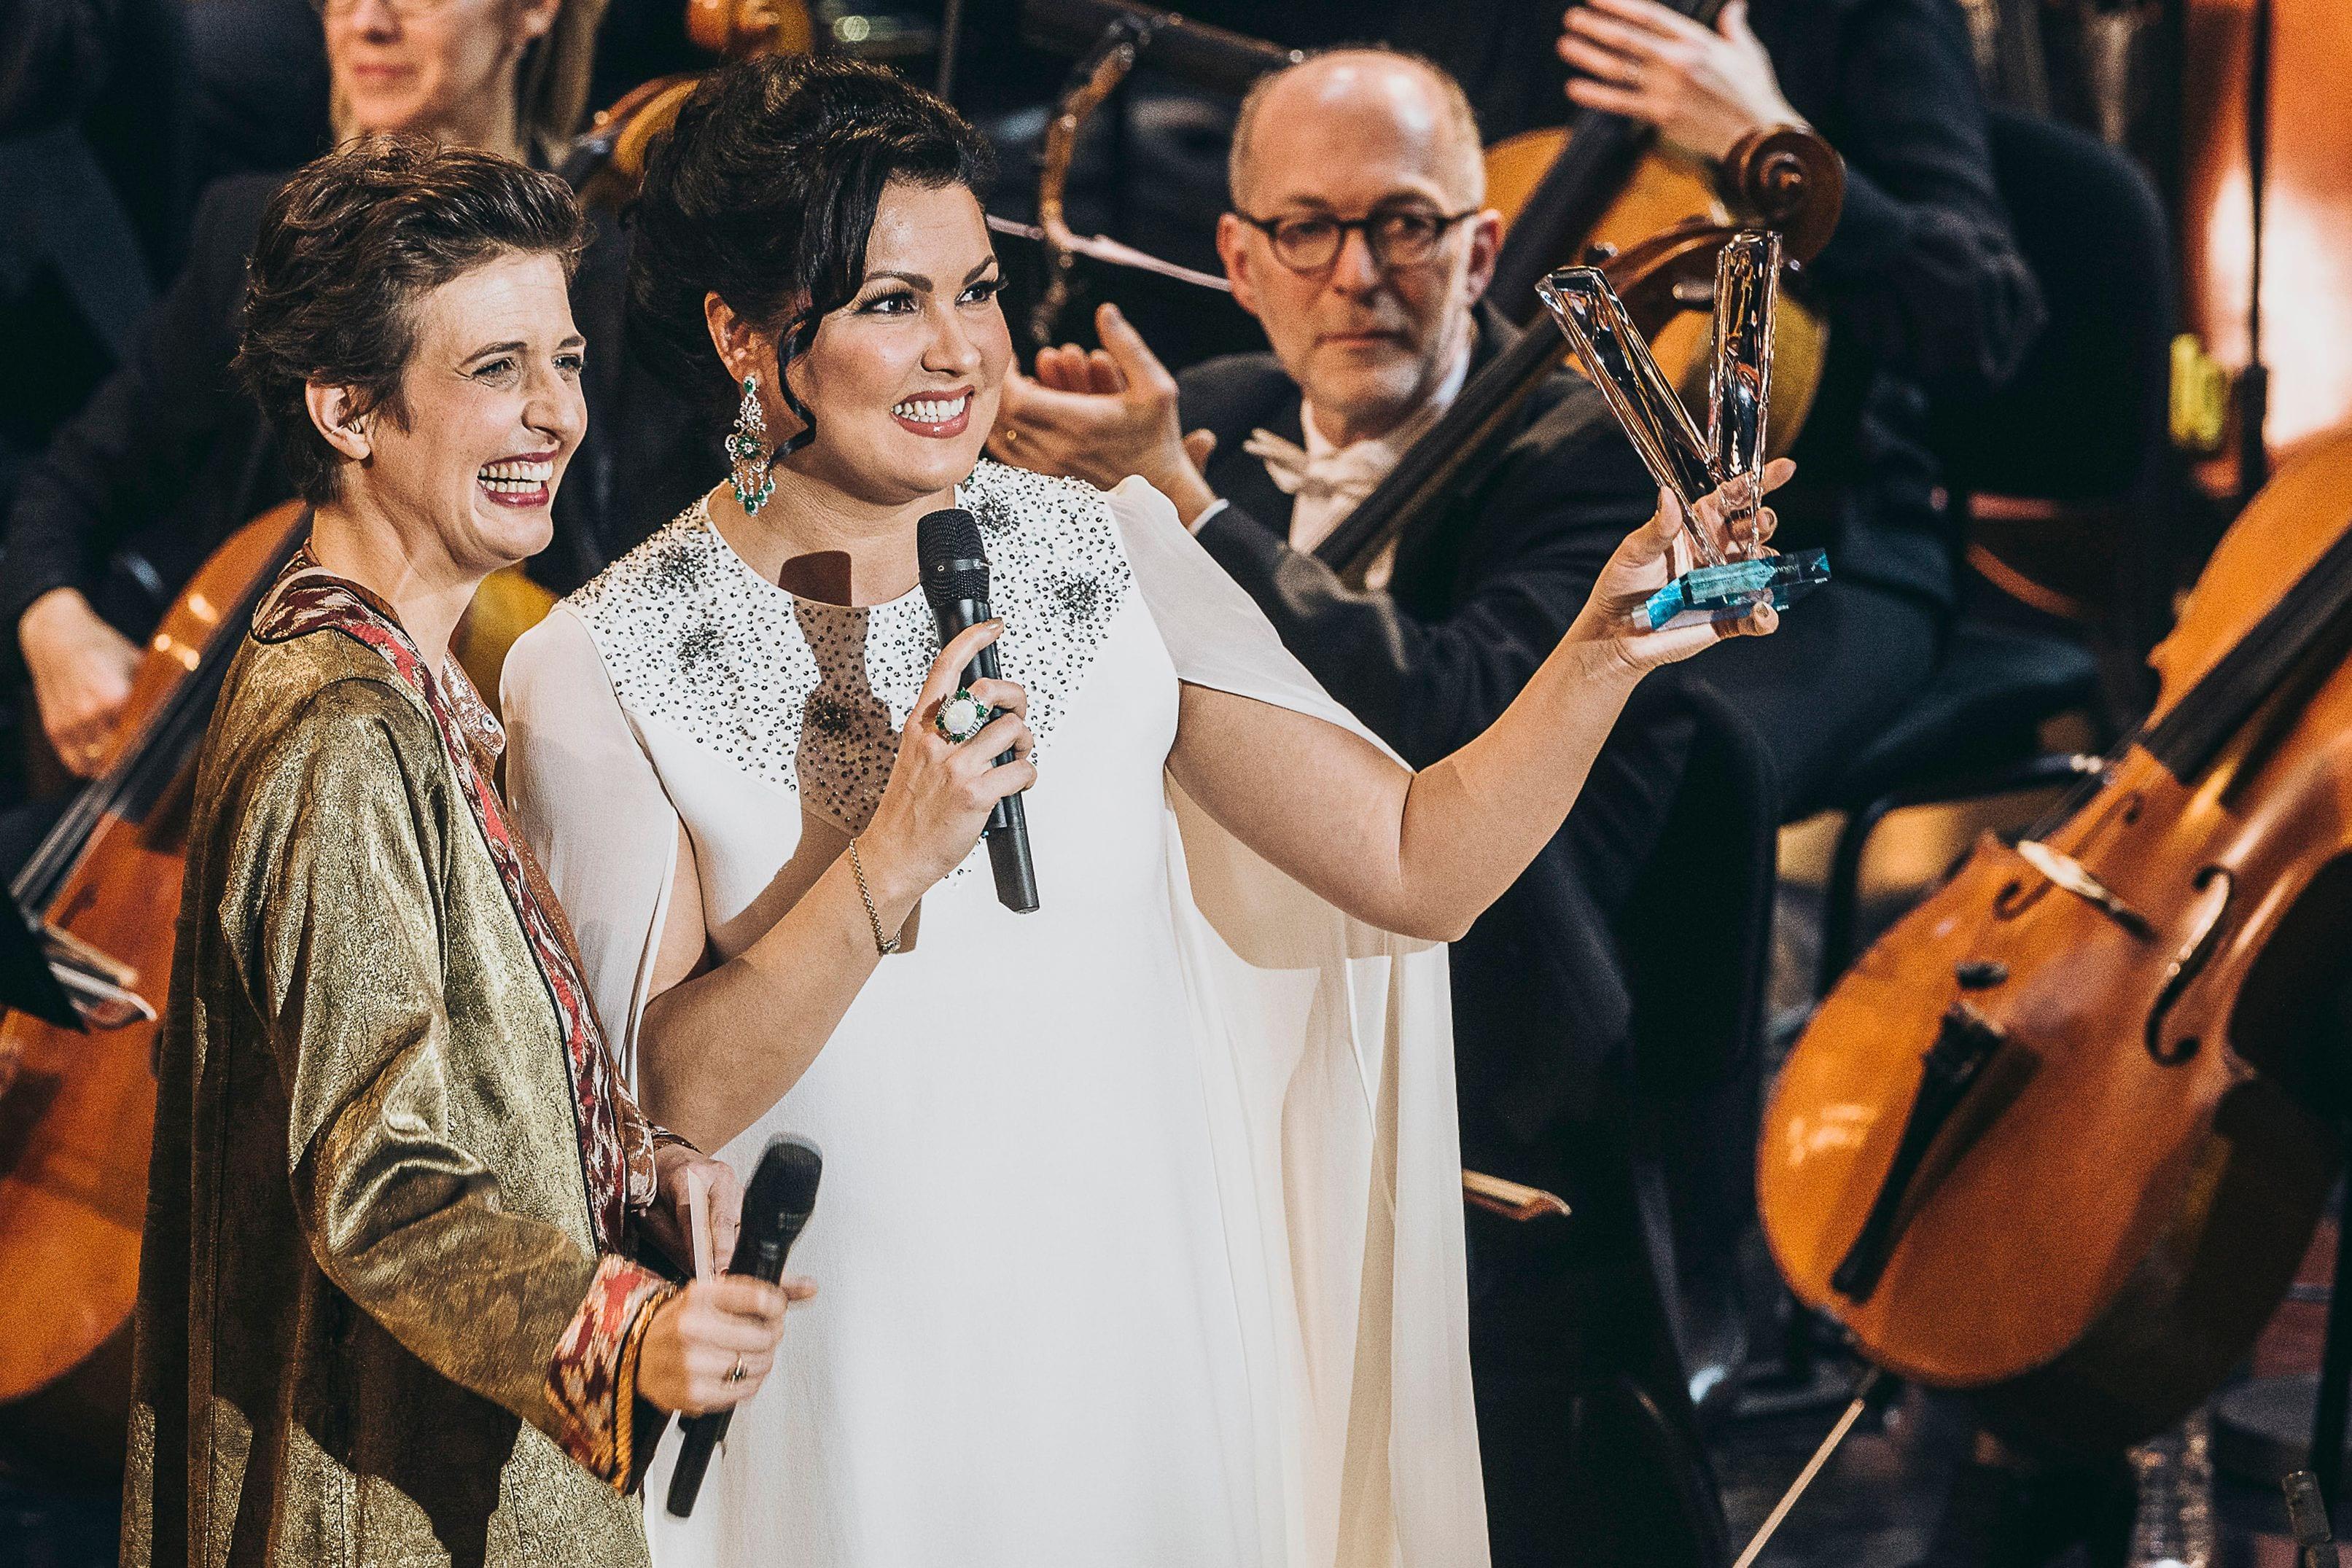 Opera Star Anna Netrebko Has Contracted COVID-19 and Won't Perform in 'Il Trovatore'